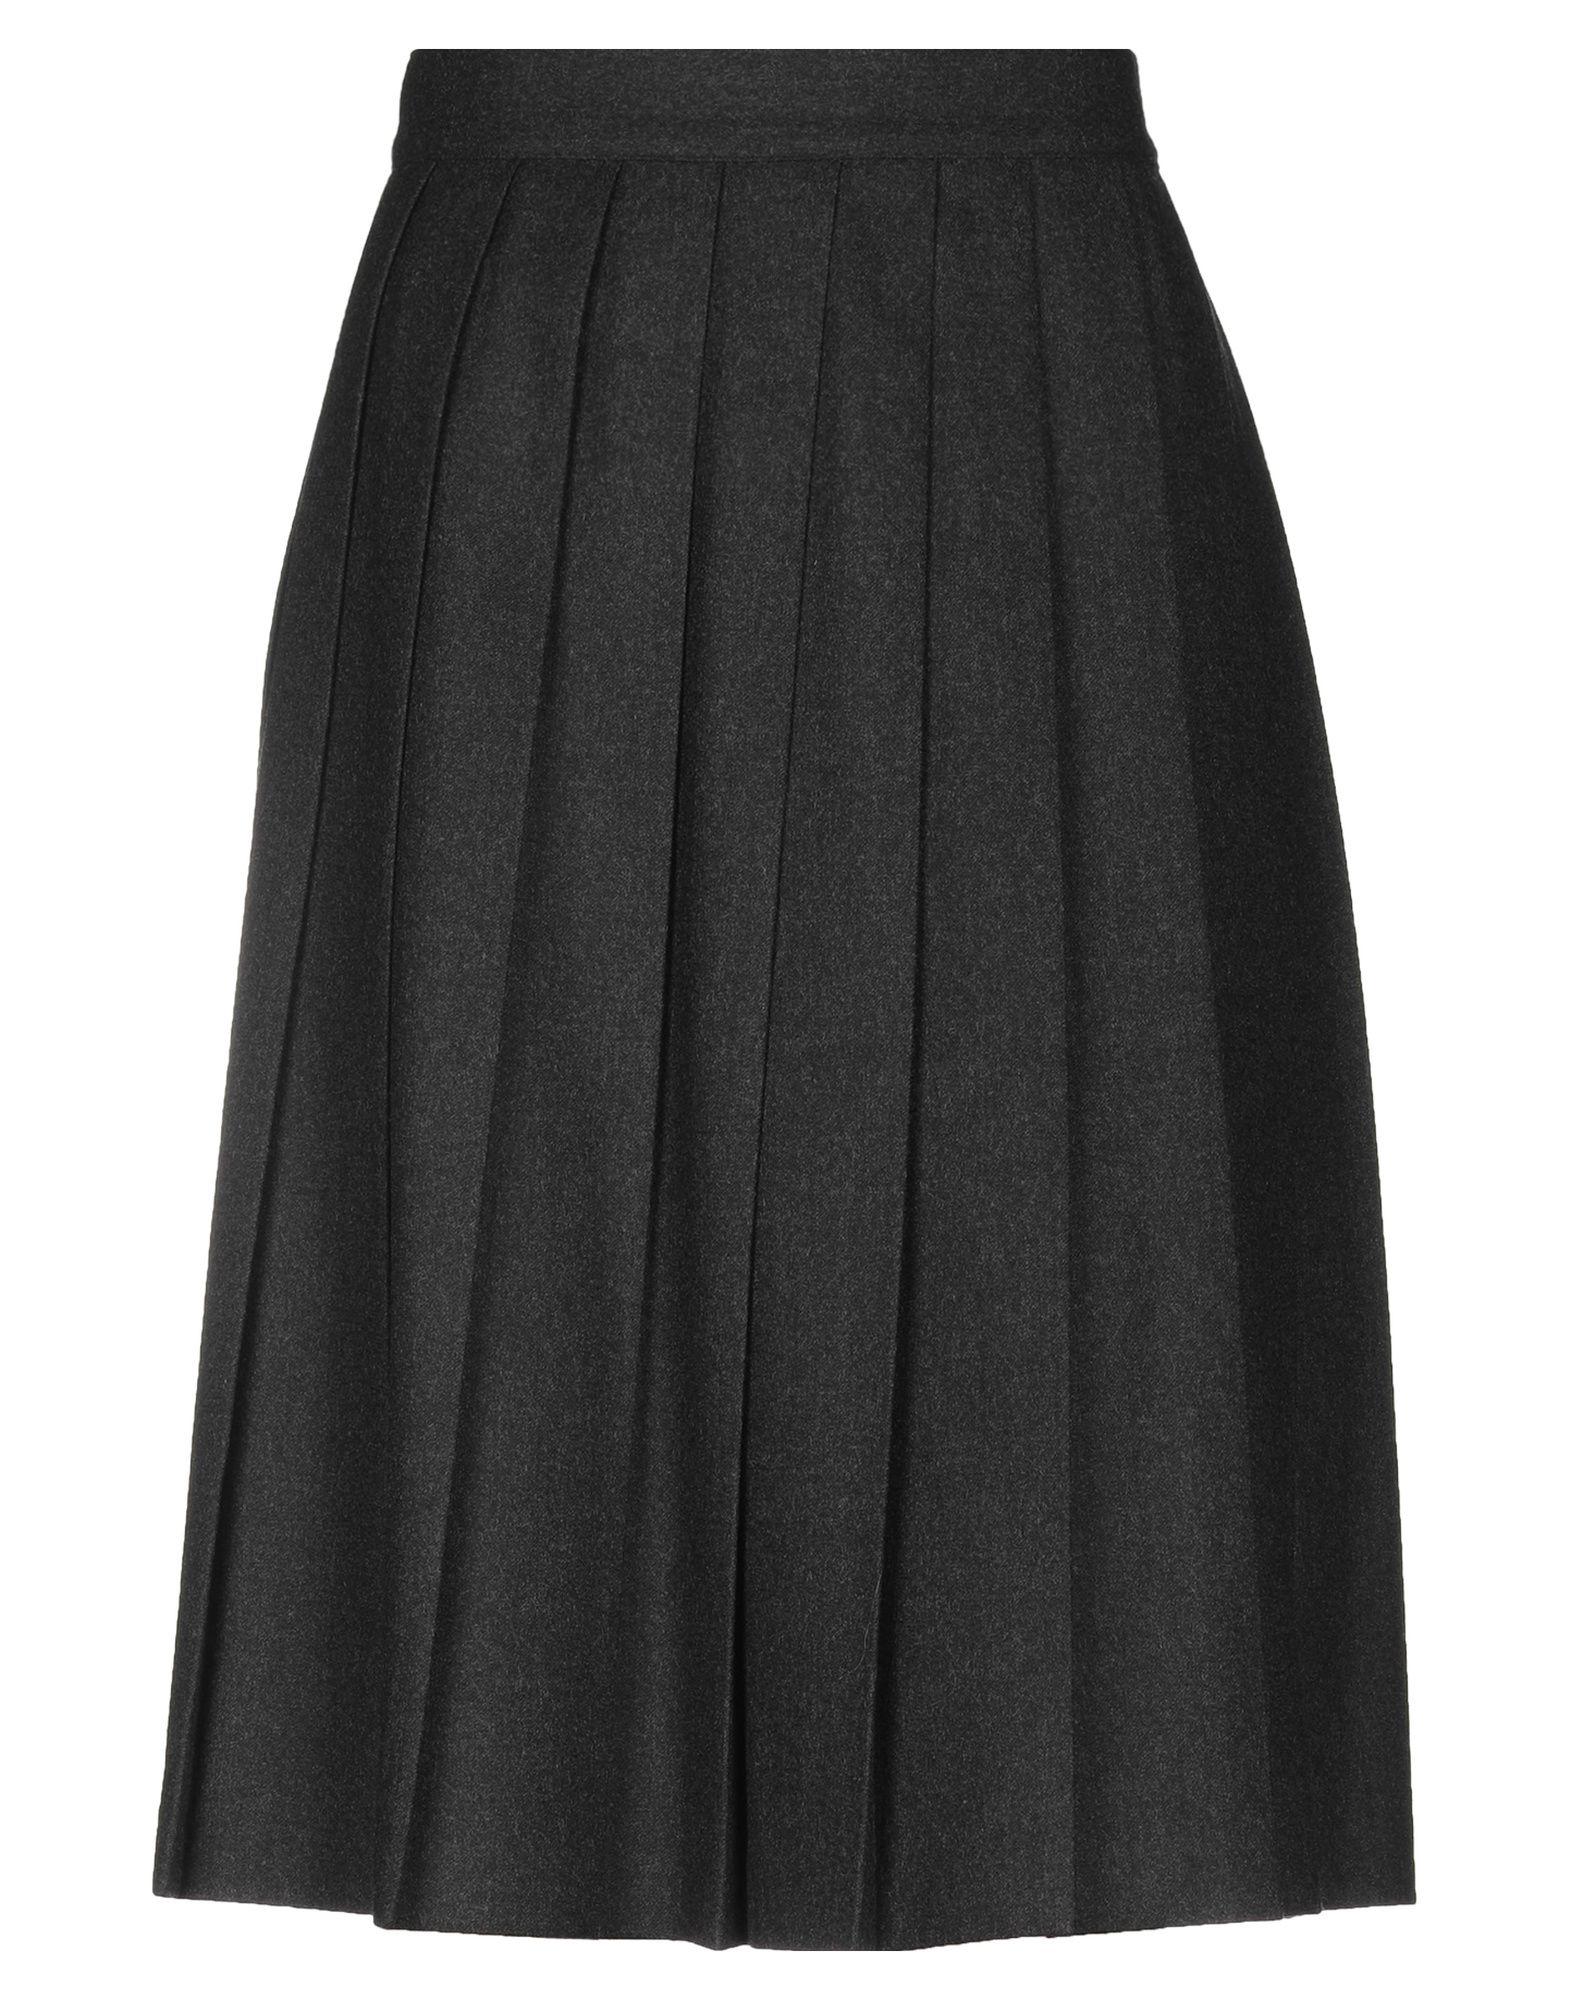 《送料無料》INCOTEX レディース ひざ丈スカート 鉛色 46 ウール 100%